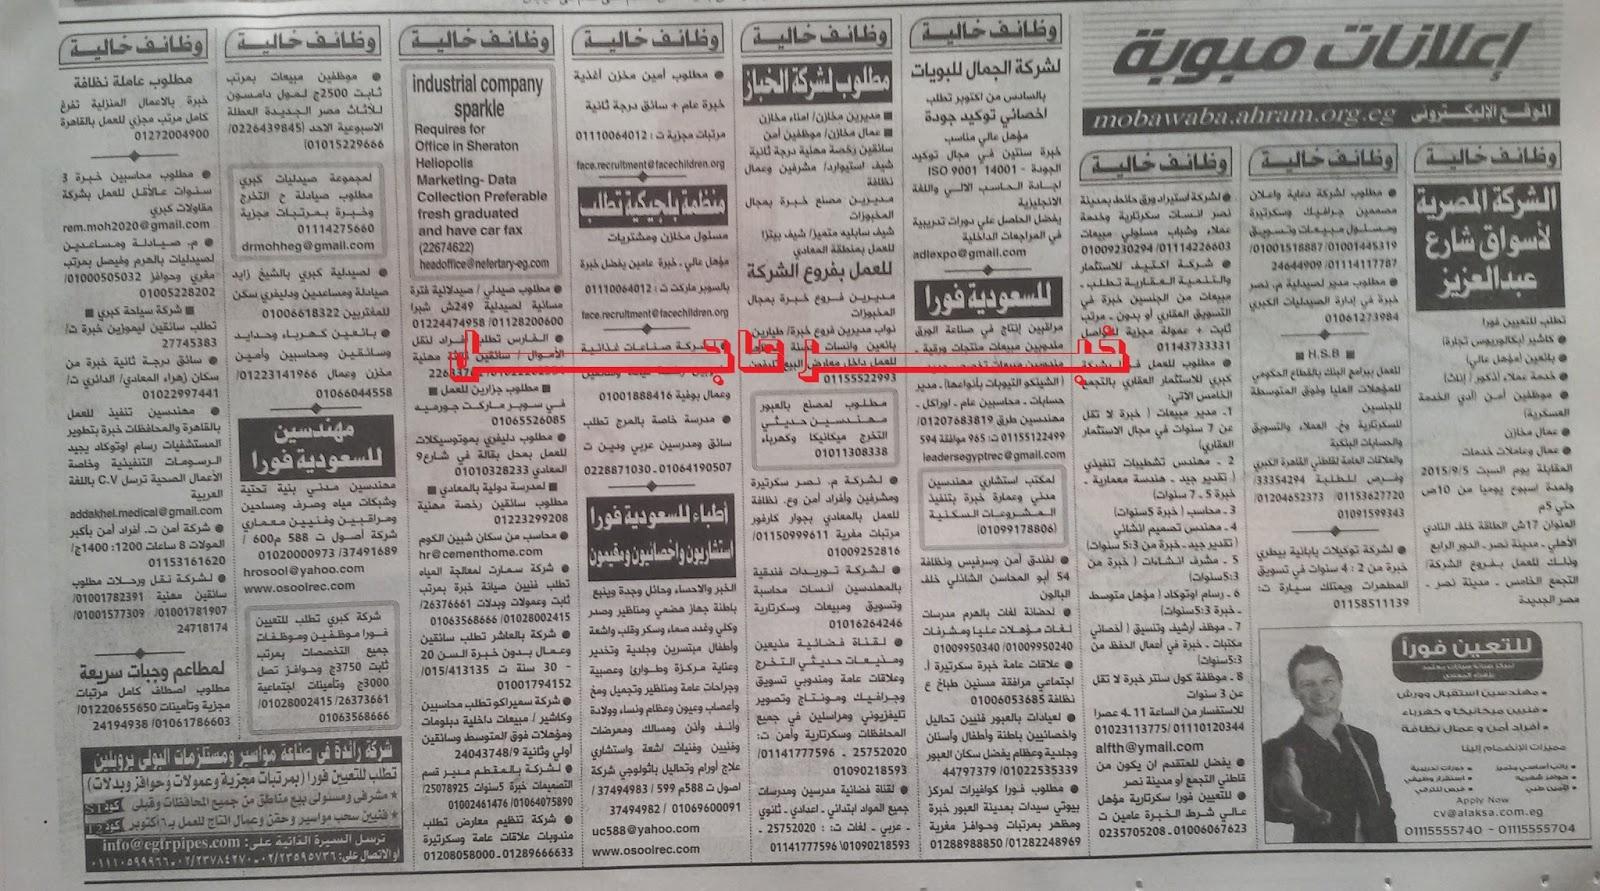 وظائف جريدة الاهرام الحكومية والخاصة داخل وخارج مصر المنشوره اليوم  4 / 9 / 2015